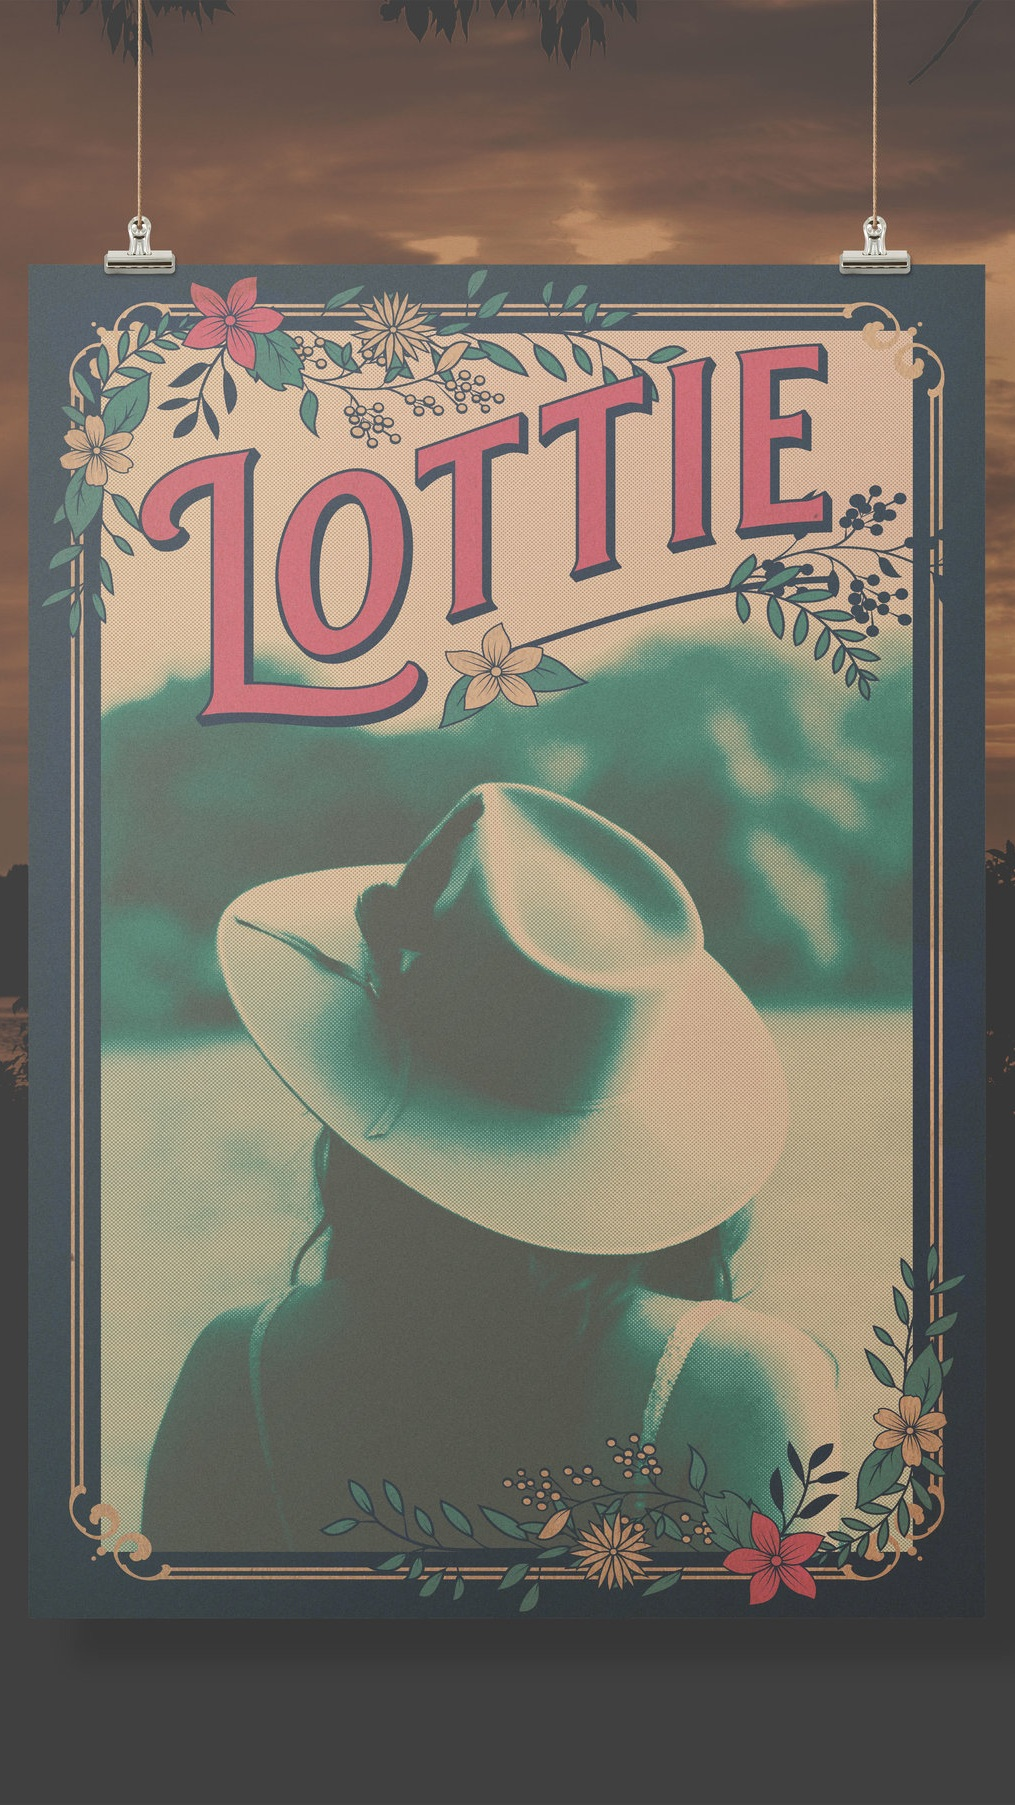 LottieMockup.jpg